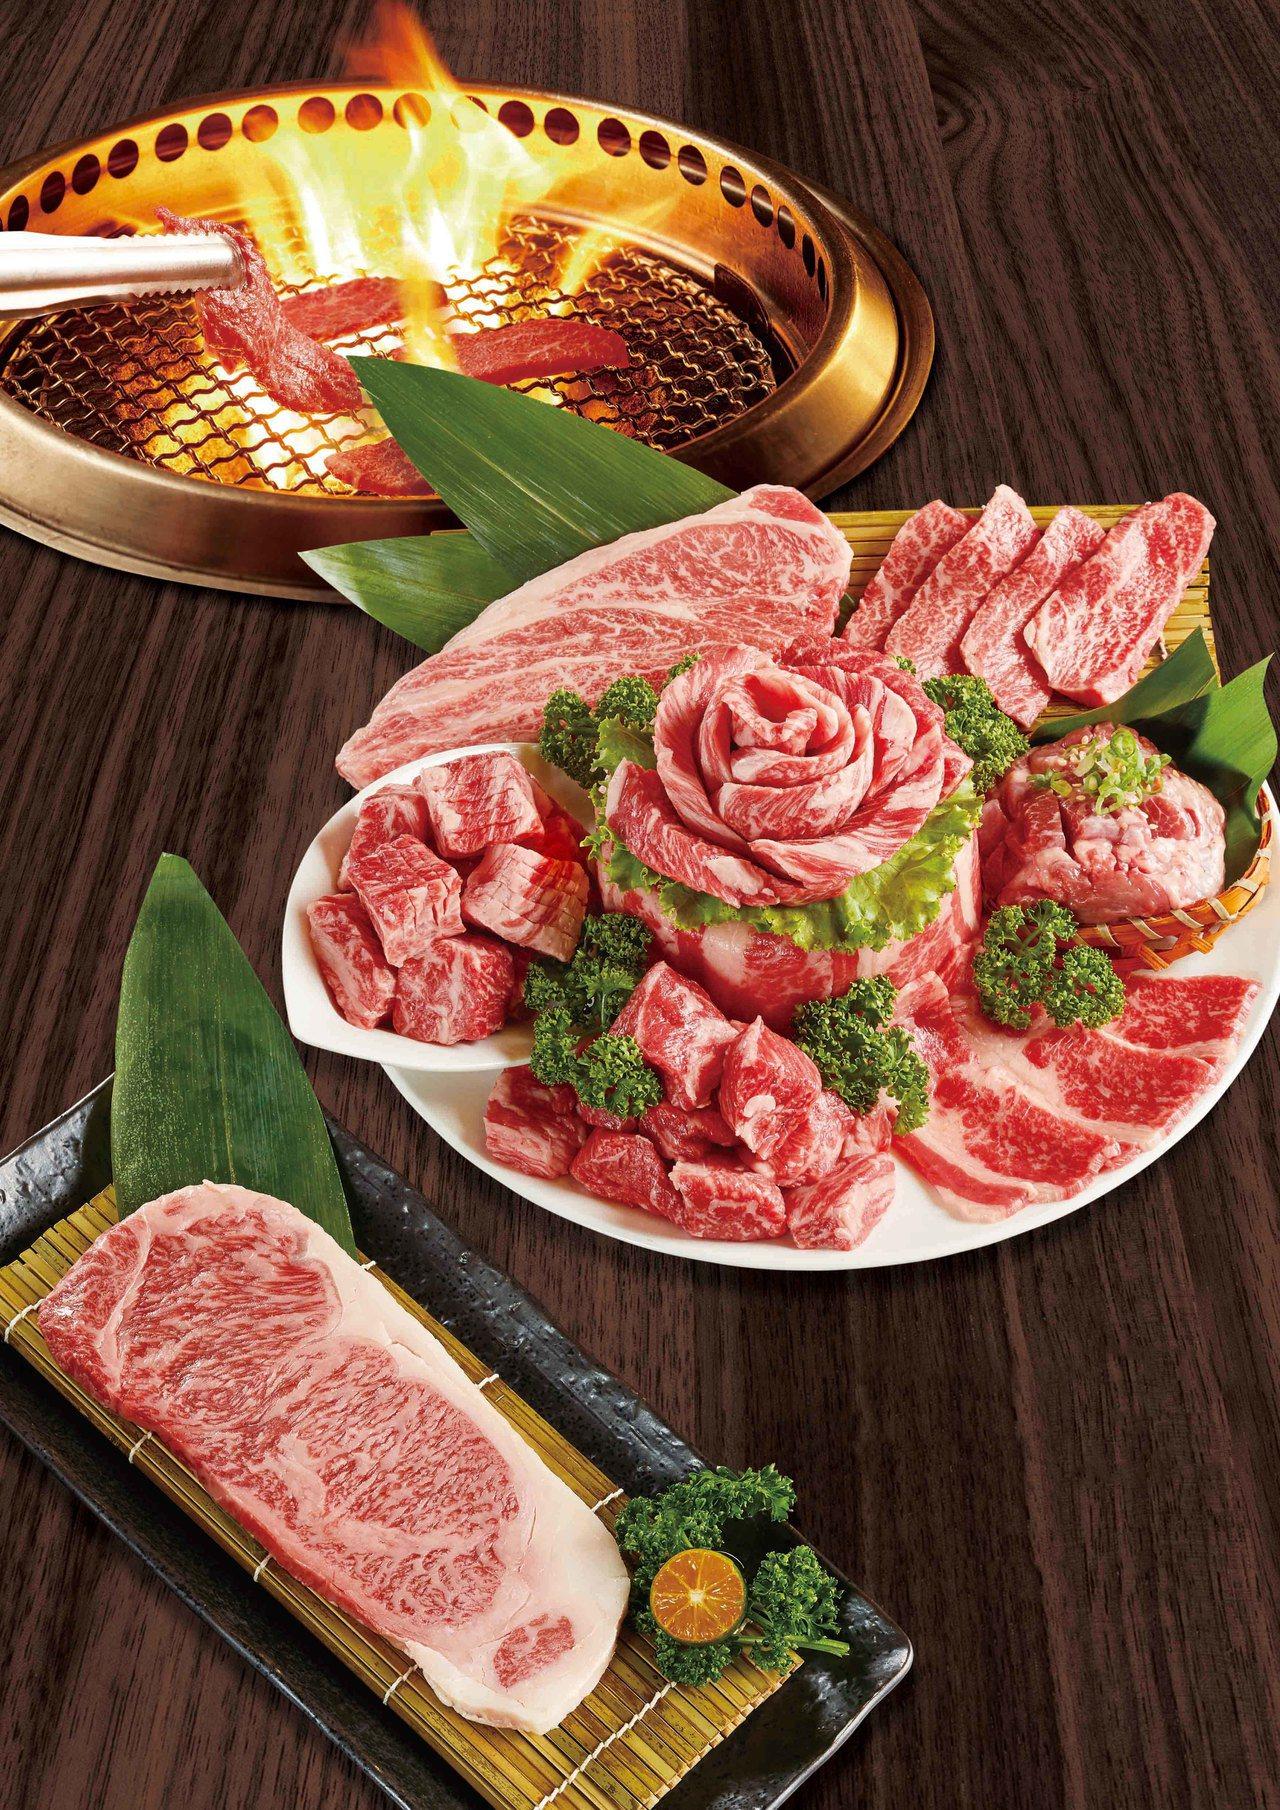 乾杯吃肉祭主打1kg重磅澳洲和牛組合,以及日本和牛紐約客。圖/乾杯提供